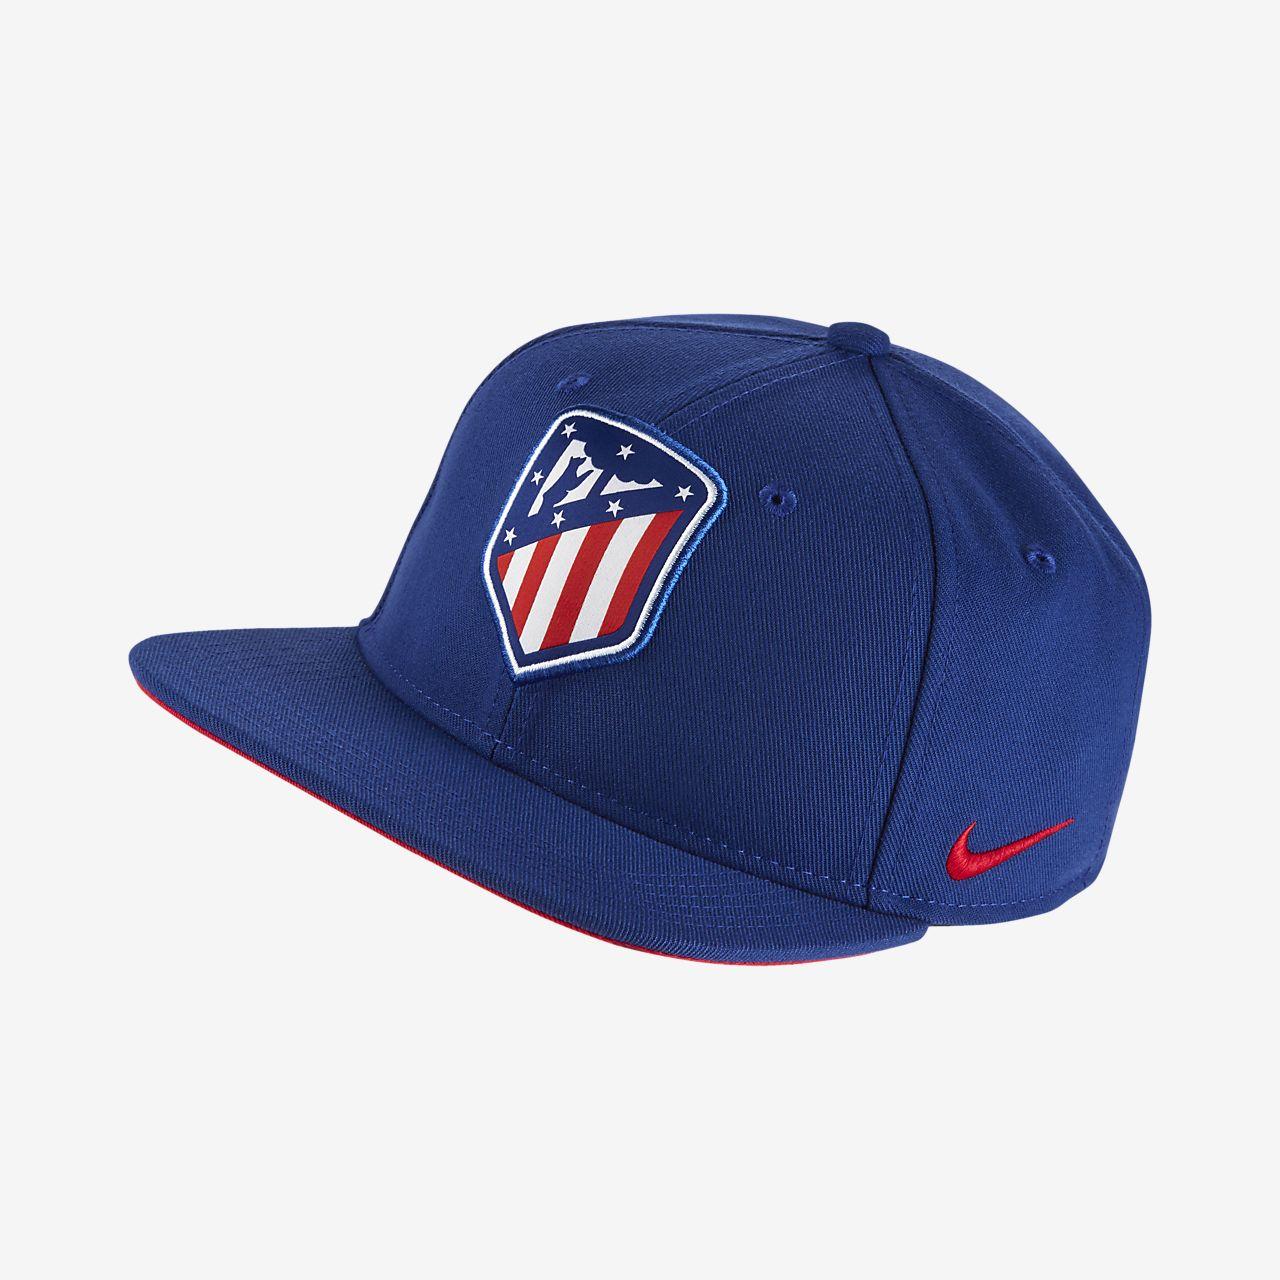 Nike Pro Atlético de Madrid Gorra regulable - Niño/a